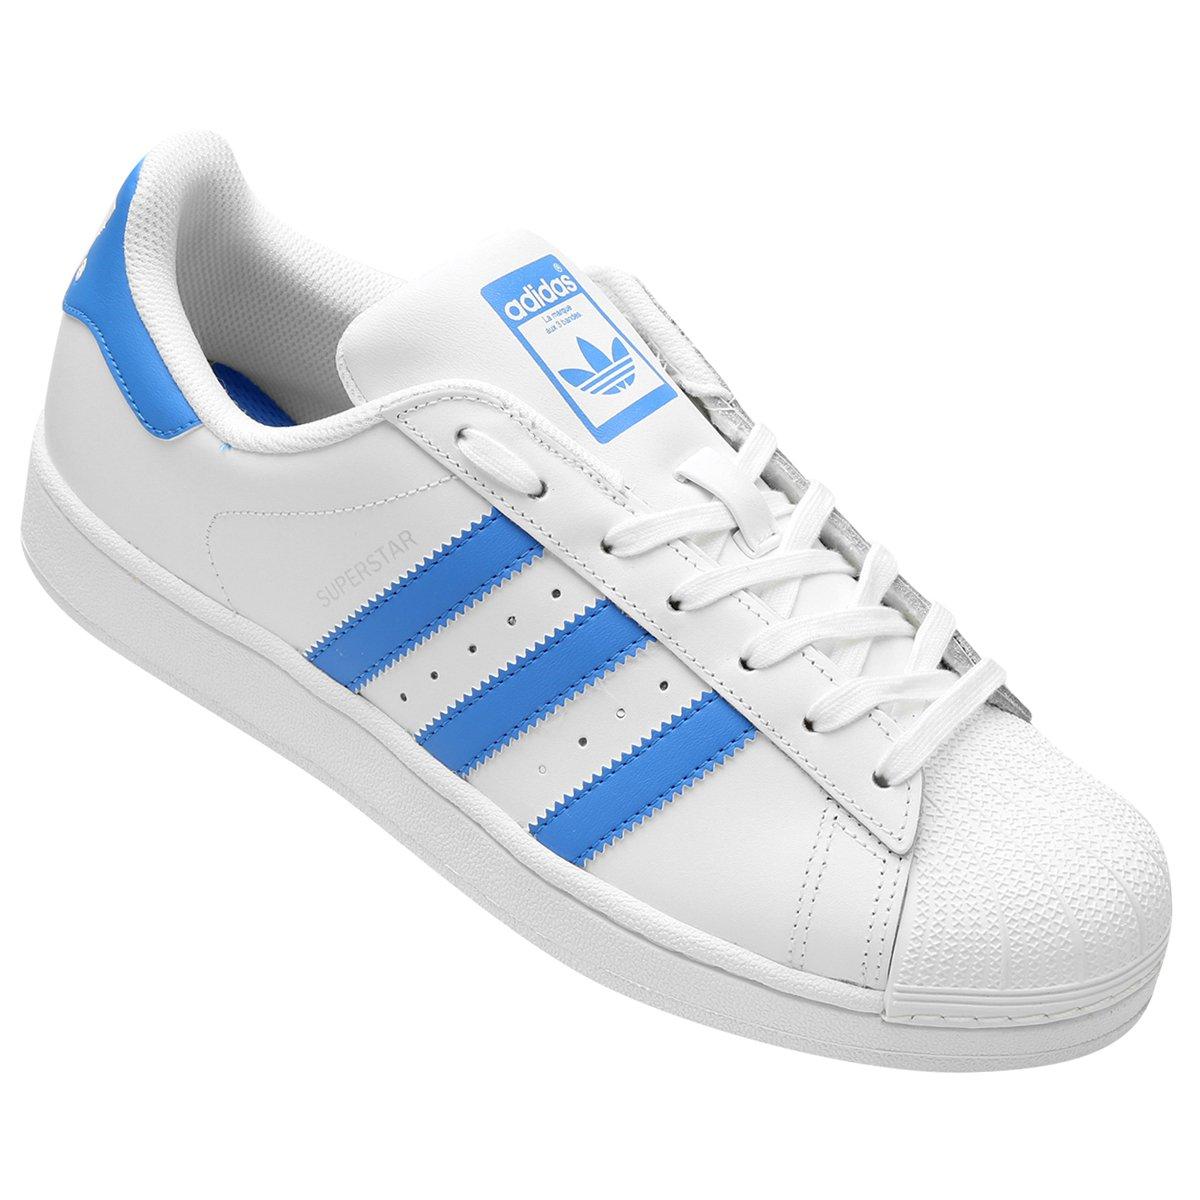 Tênis Adidas Superstar Foundation - Compre Agora  e644aa6e72c42